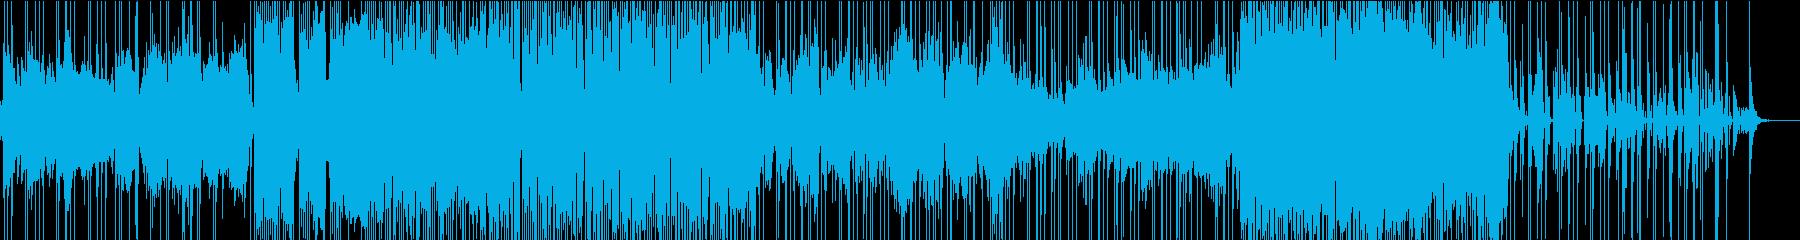 ドラムがテクニカルな曲の再生済みの波形